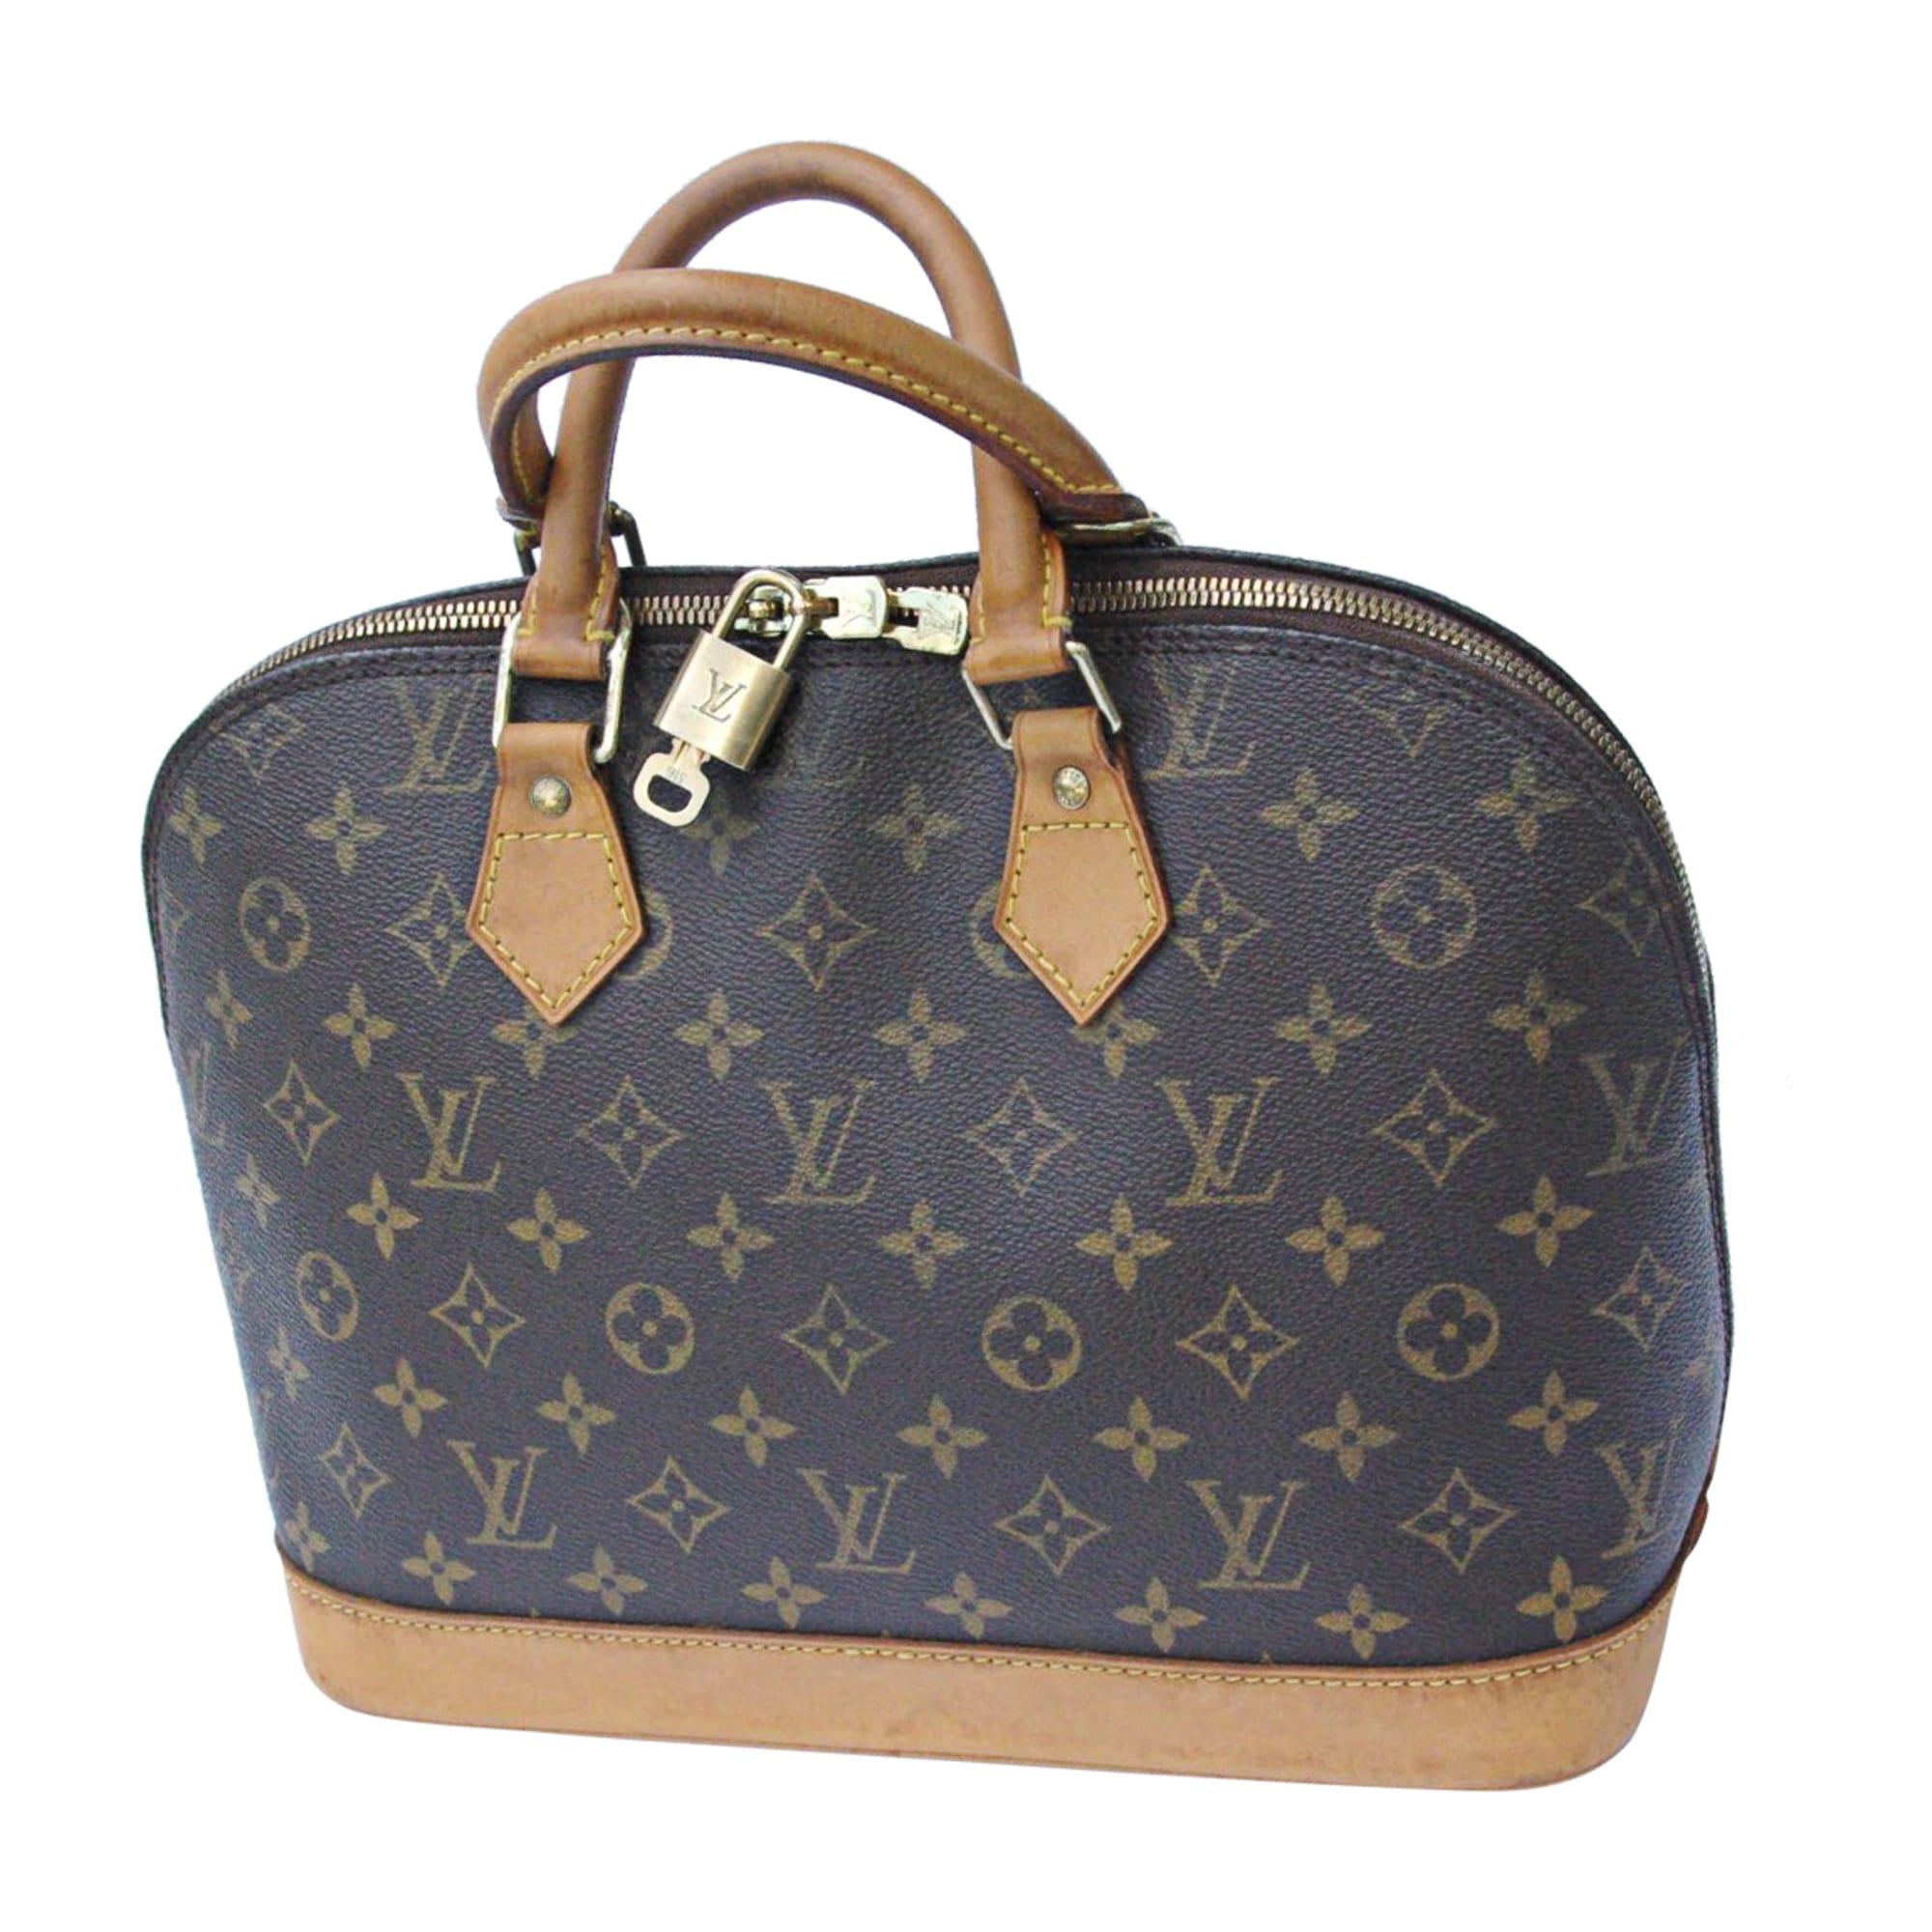 11c8b38c6316 Leather Handbag LOUIS VUITTON brown vendu par L-comme-luxe - 7890037